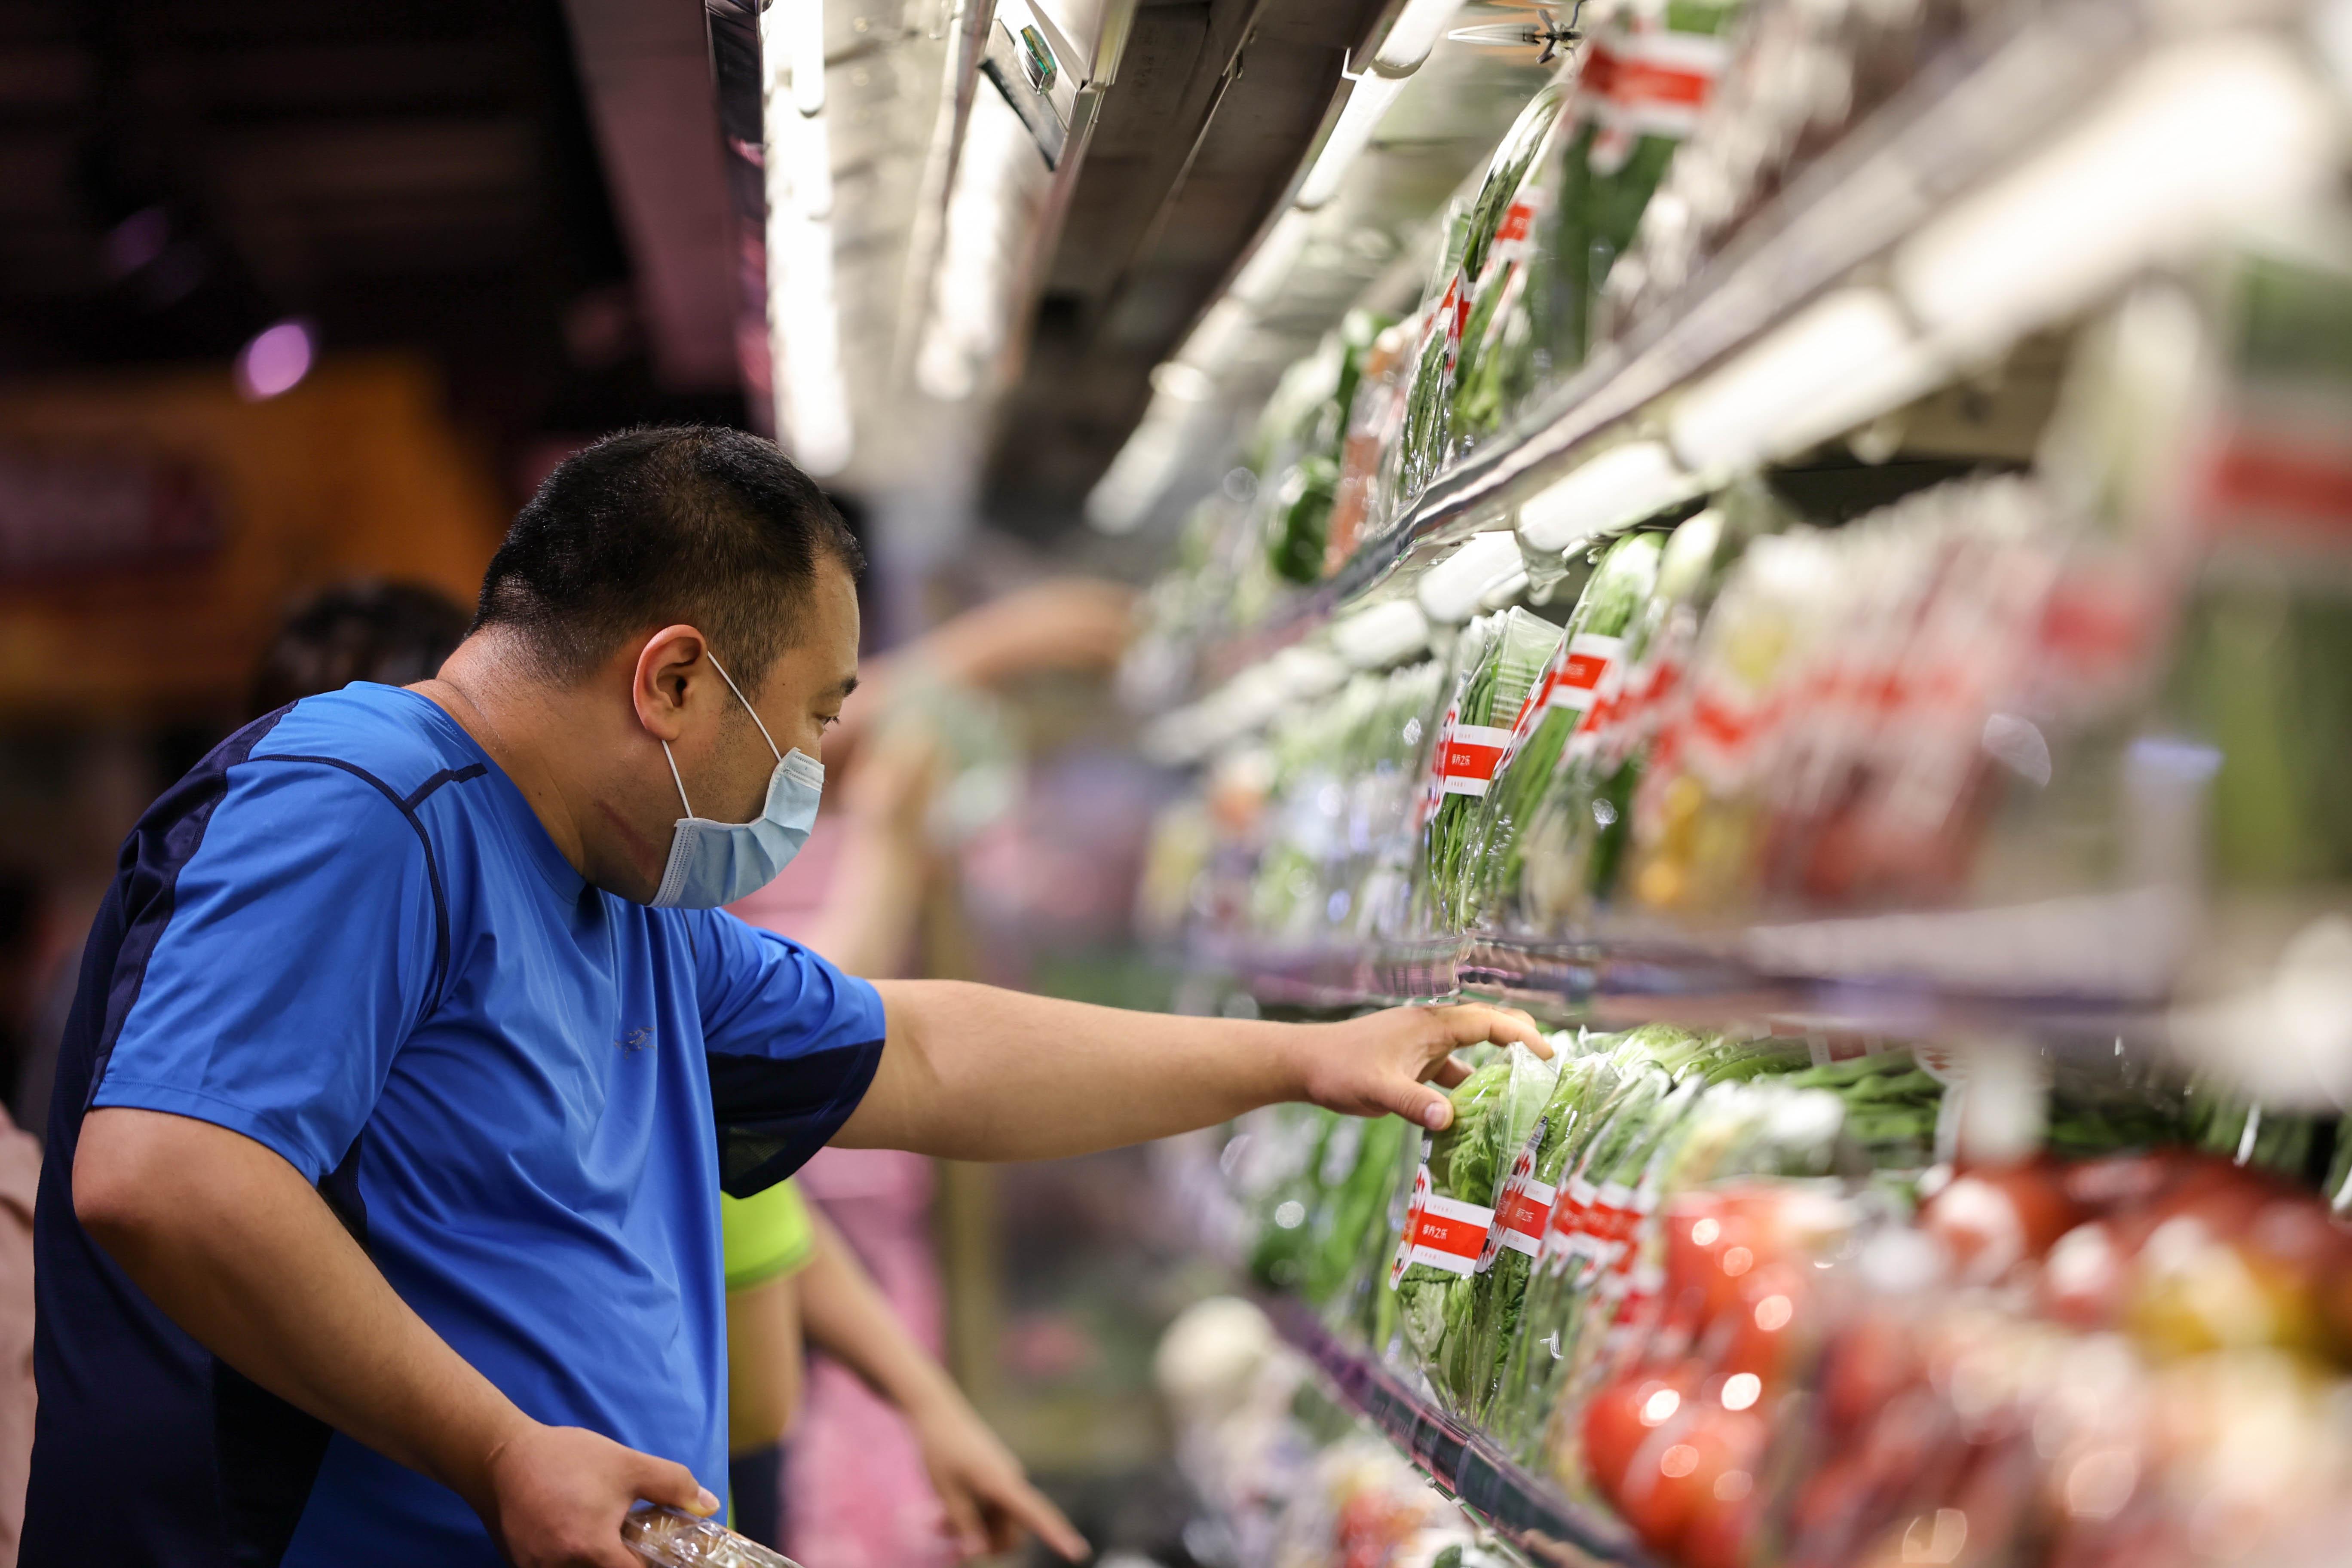 中国の8月主要経済指標、複数が今年初のプラス転換に